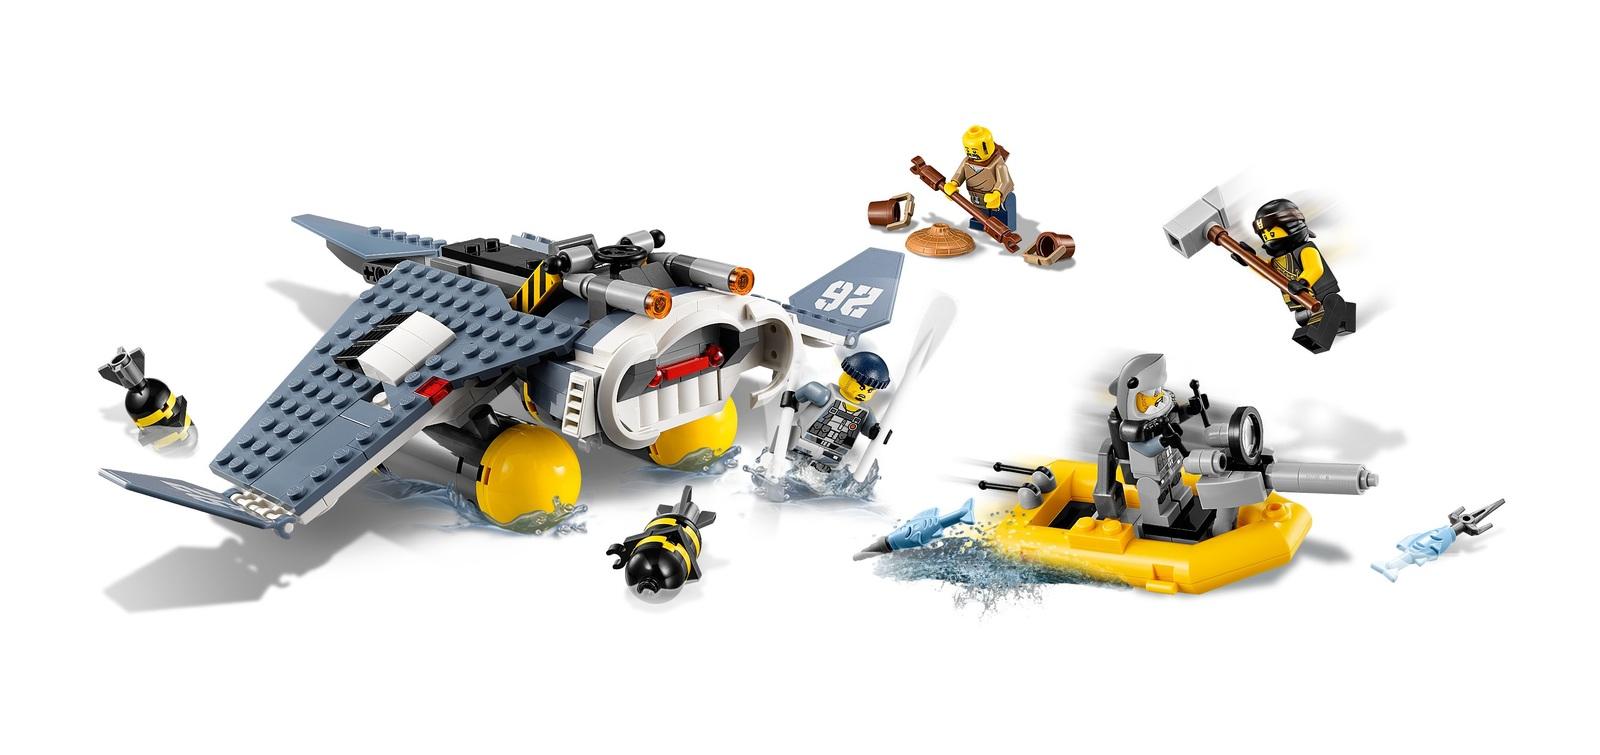 d4cb69ead LEGO Ninjago - Manta Ray Bomber (70609) | Toy | at Mighty Ape Australia